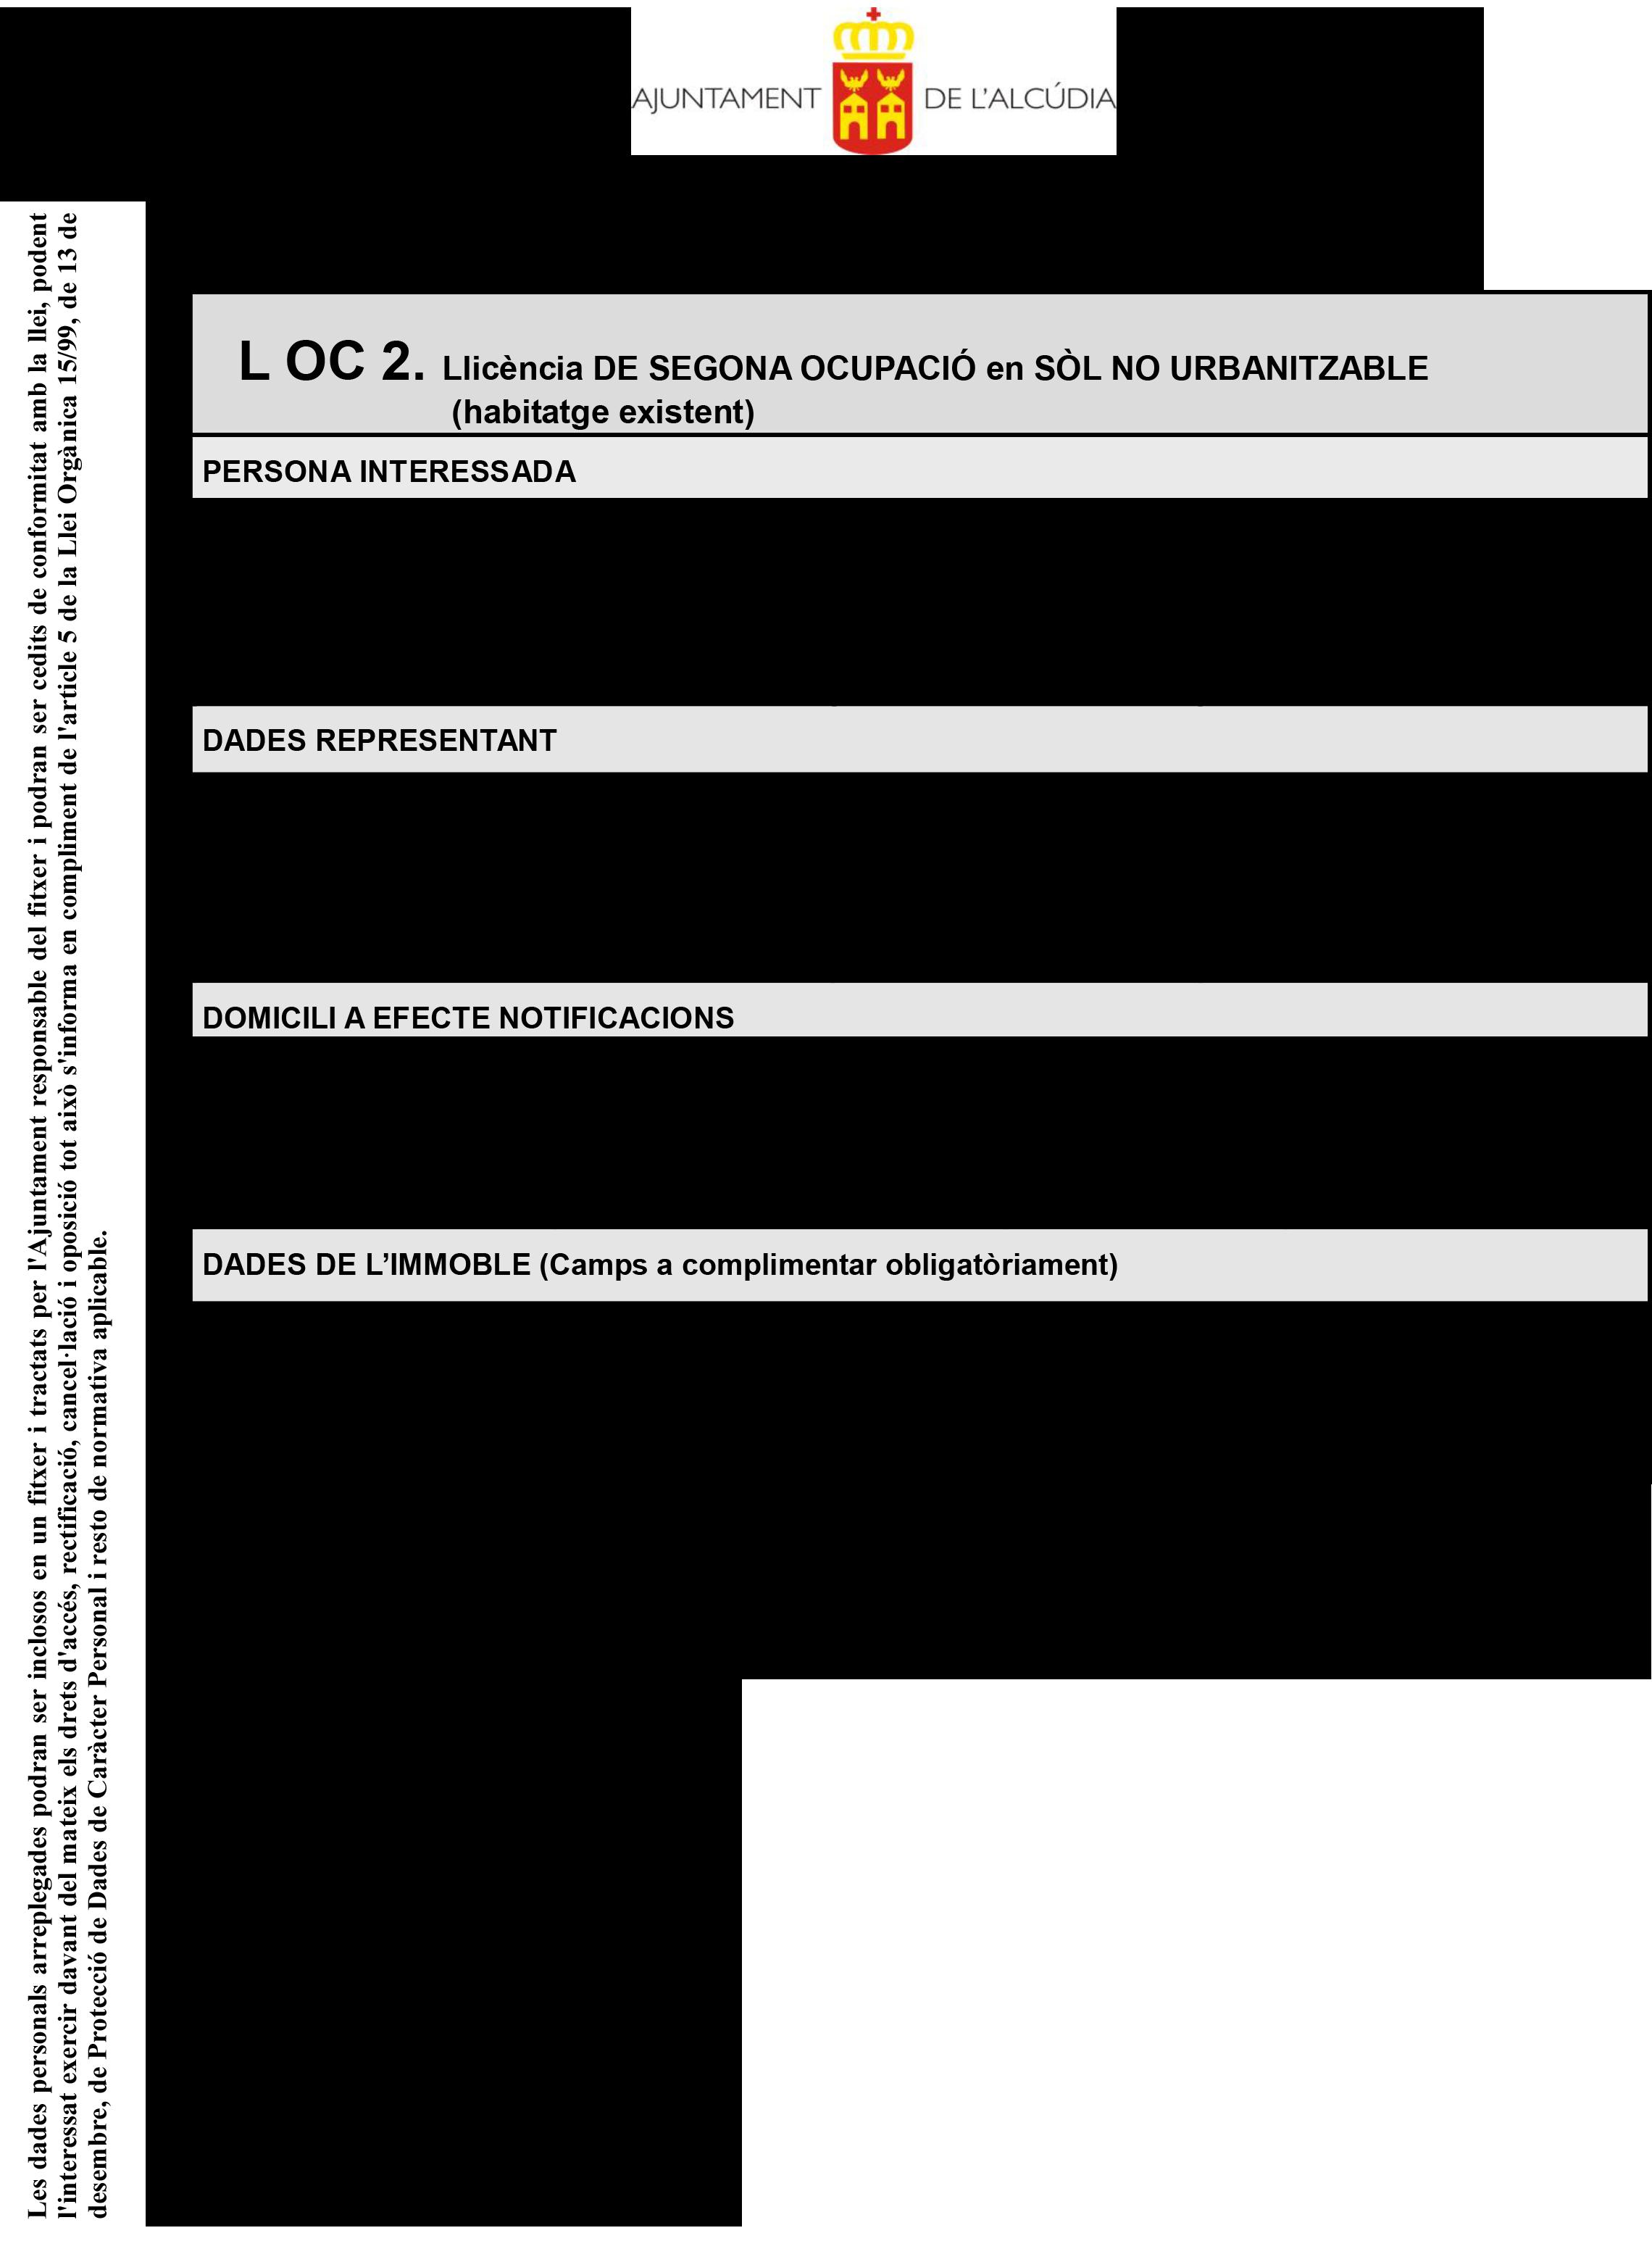 Impreso Declaración Responsable Segunda Ocupación - Alcadua 1